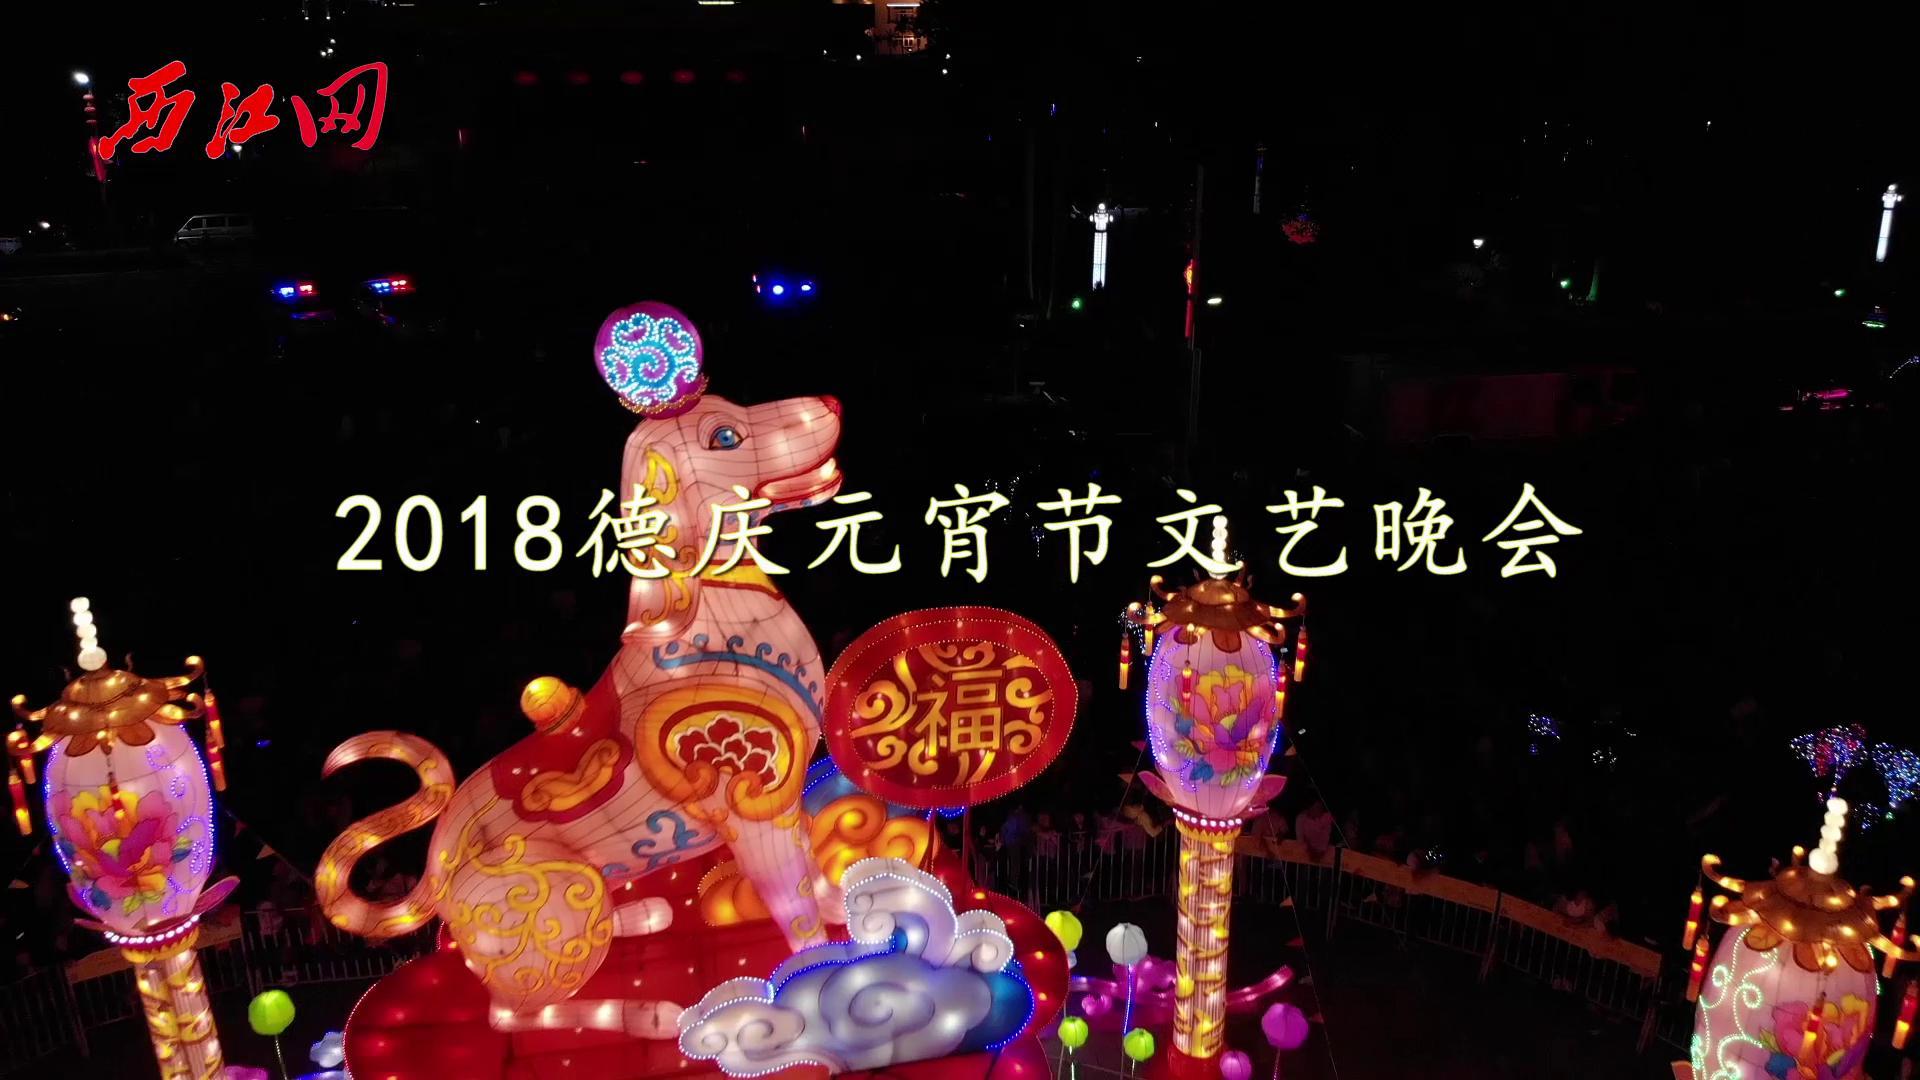 國際化的舞臺!2018德慶元宵文藝晚會震撼航拍